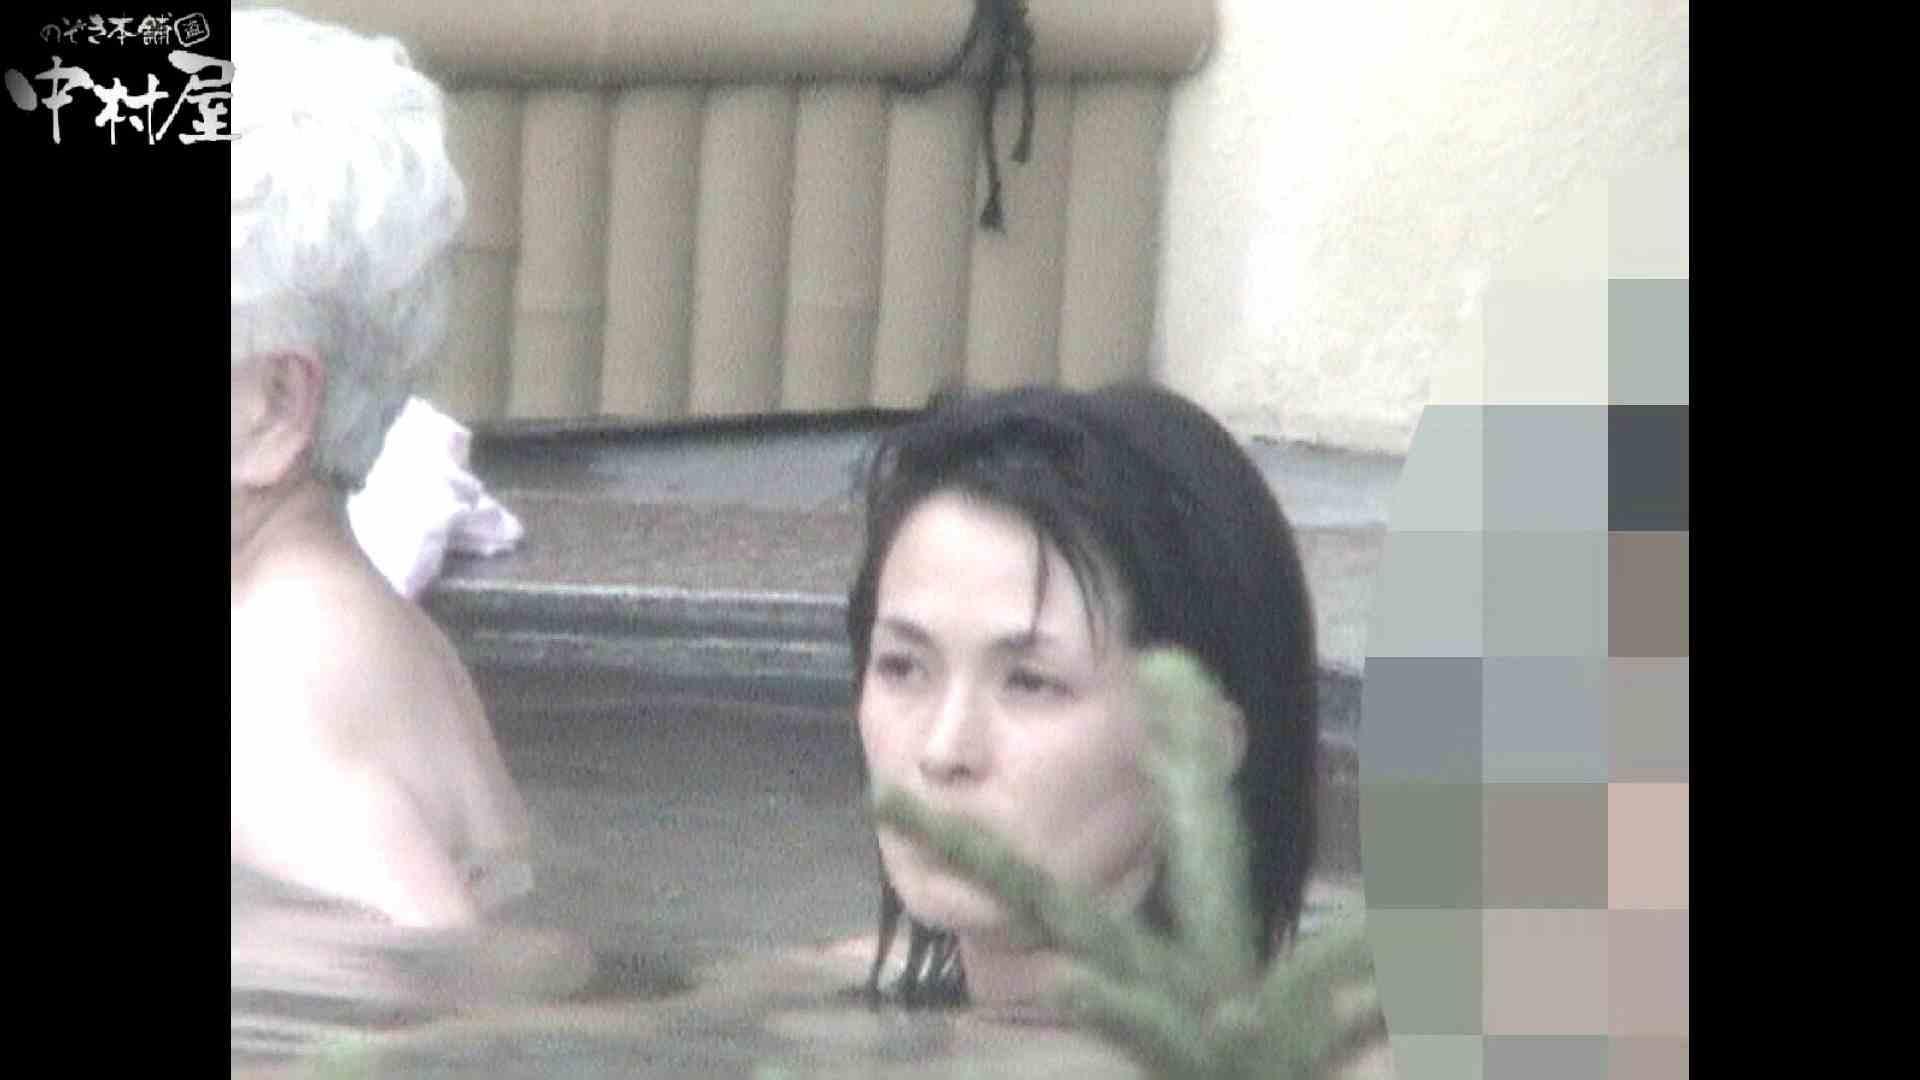 Aquaな露天風呂Vol.933 露天風呂  74連発 12